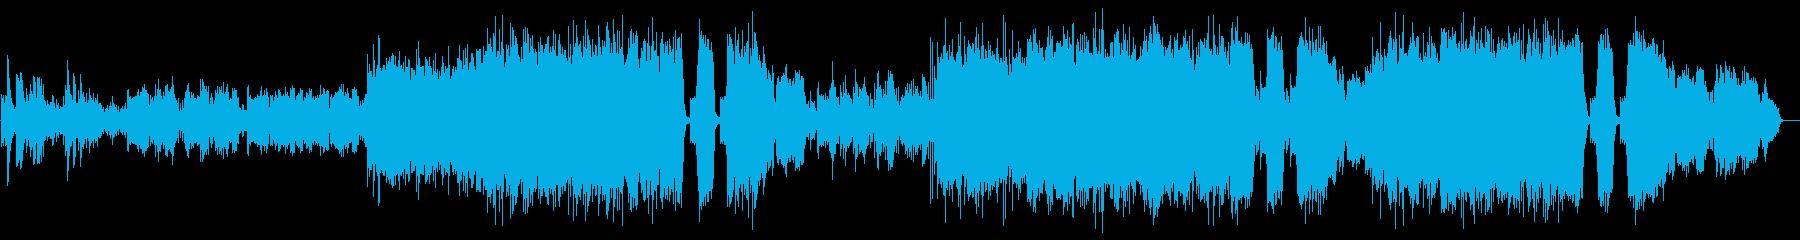 フルートとハープが印象的な旅立ちの歌の再生済みの波形